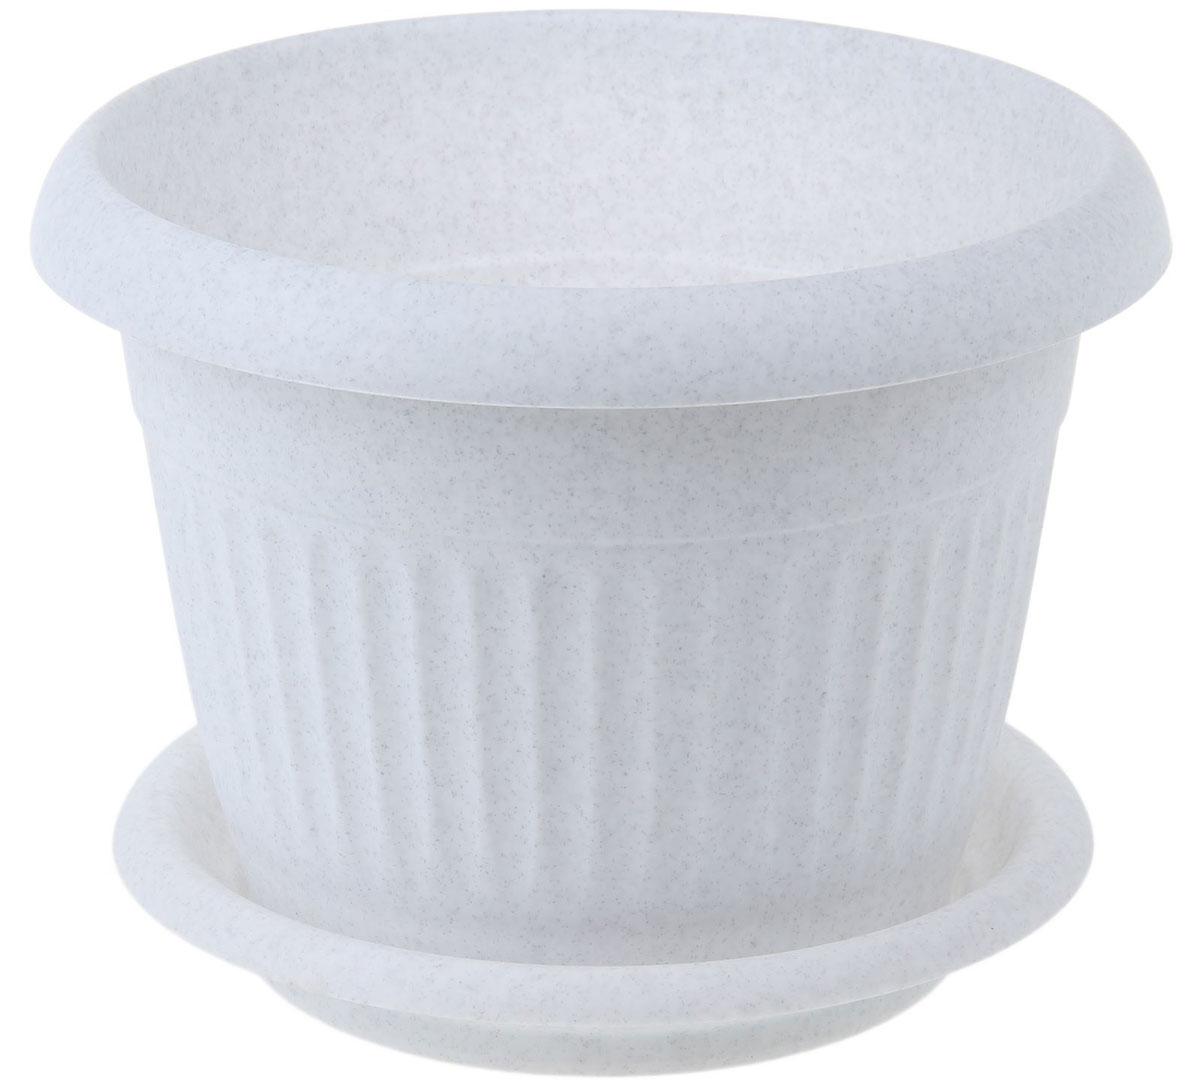 Кашпо Idea Ливия, с поддоном, цвет: мраморный, 4,6 лМ 3020Кашпо Idea Ливия изготовлено из прочного полипропилена (пластика) и предназначено для выращивания растений, цветов и трав в домашних условиях. Круглый поддон обеспечивает сток воды. Такое кашпо порадует вас функциональностью, а благодаря лаконичному дизайну впишется в любой интерьер помещения. Диаметр кашпо по внешнему краю: 24 см. Объем кашпо: 4,6 л.